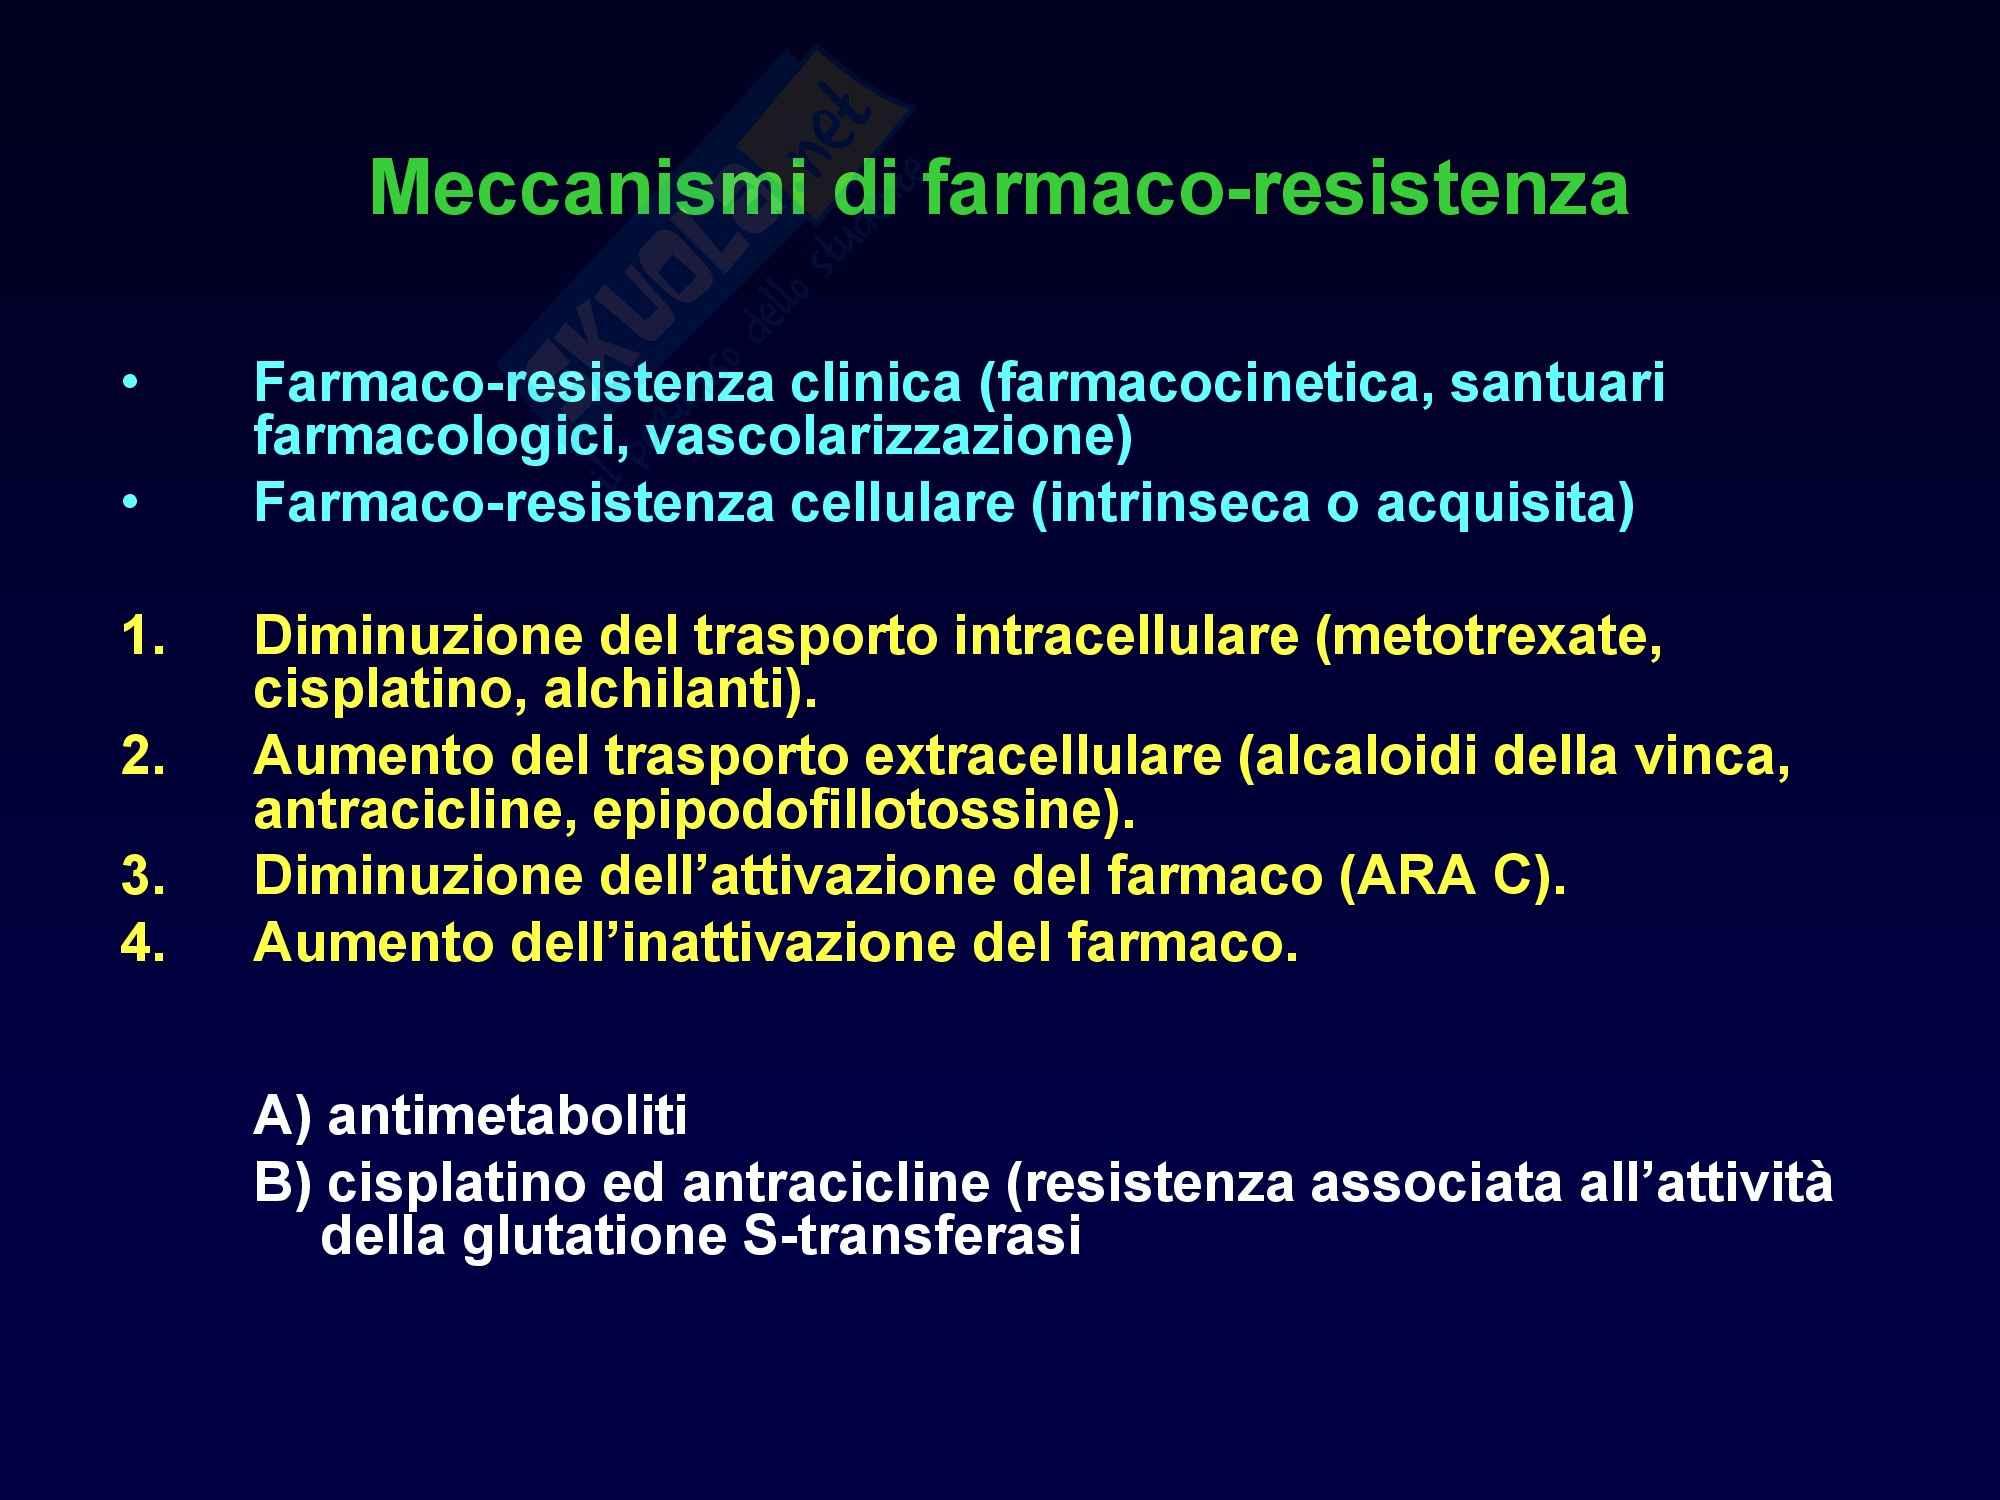 Oncologia Clinica - Meccanismi di Farmaco-Resistenza